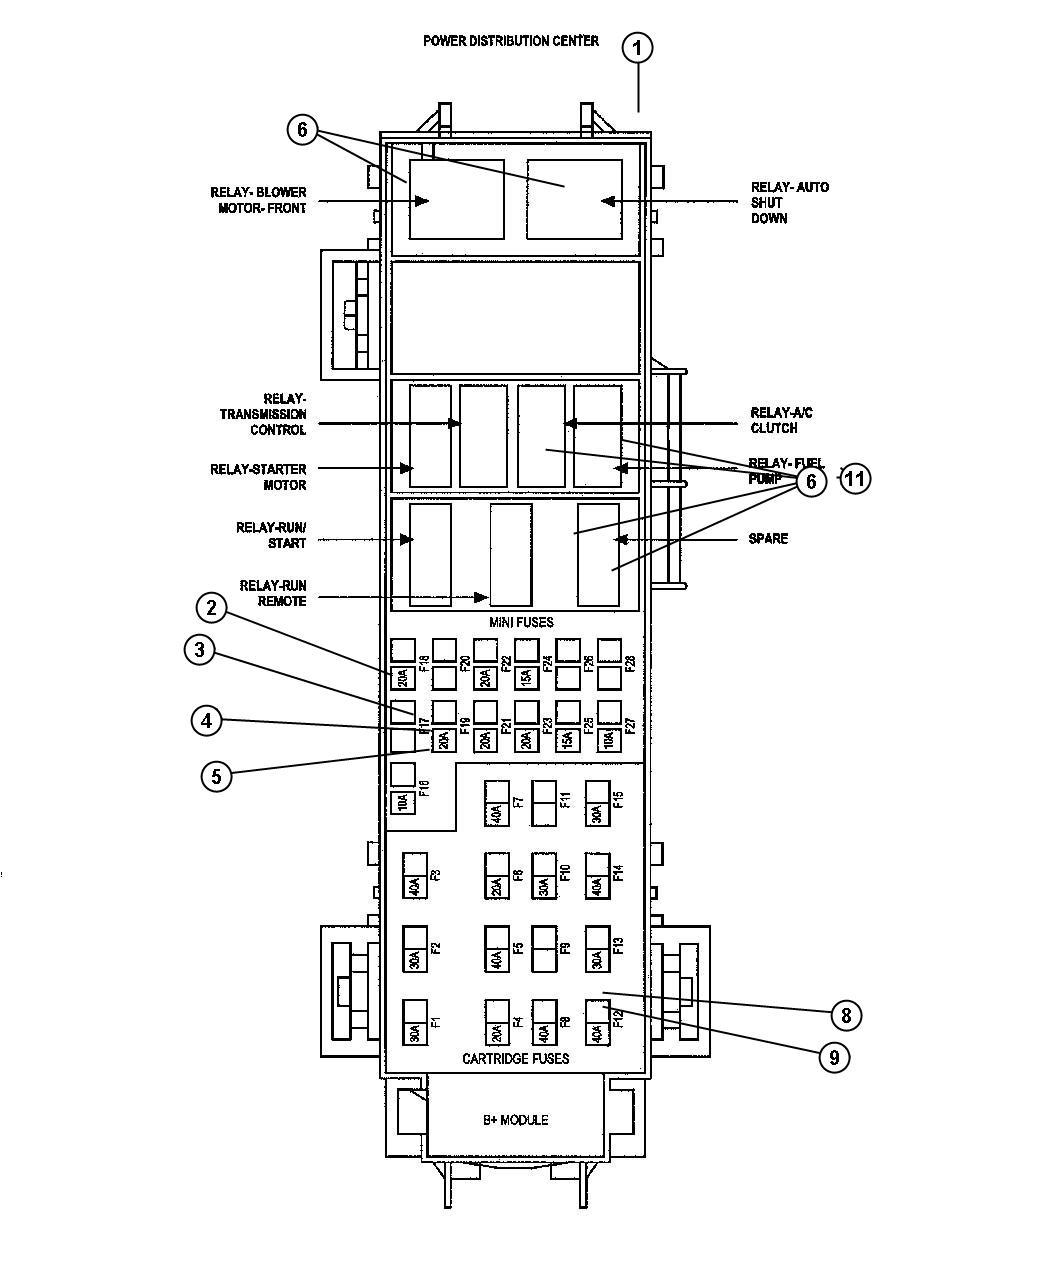 Chrysler Aspen Cover Power Distribution Center Ipm